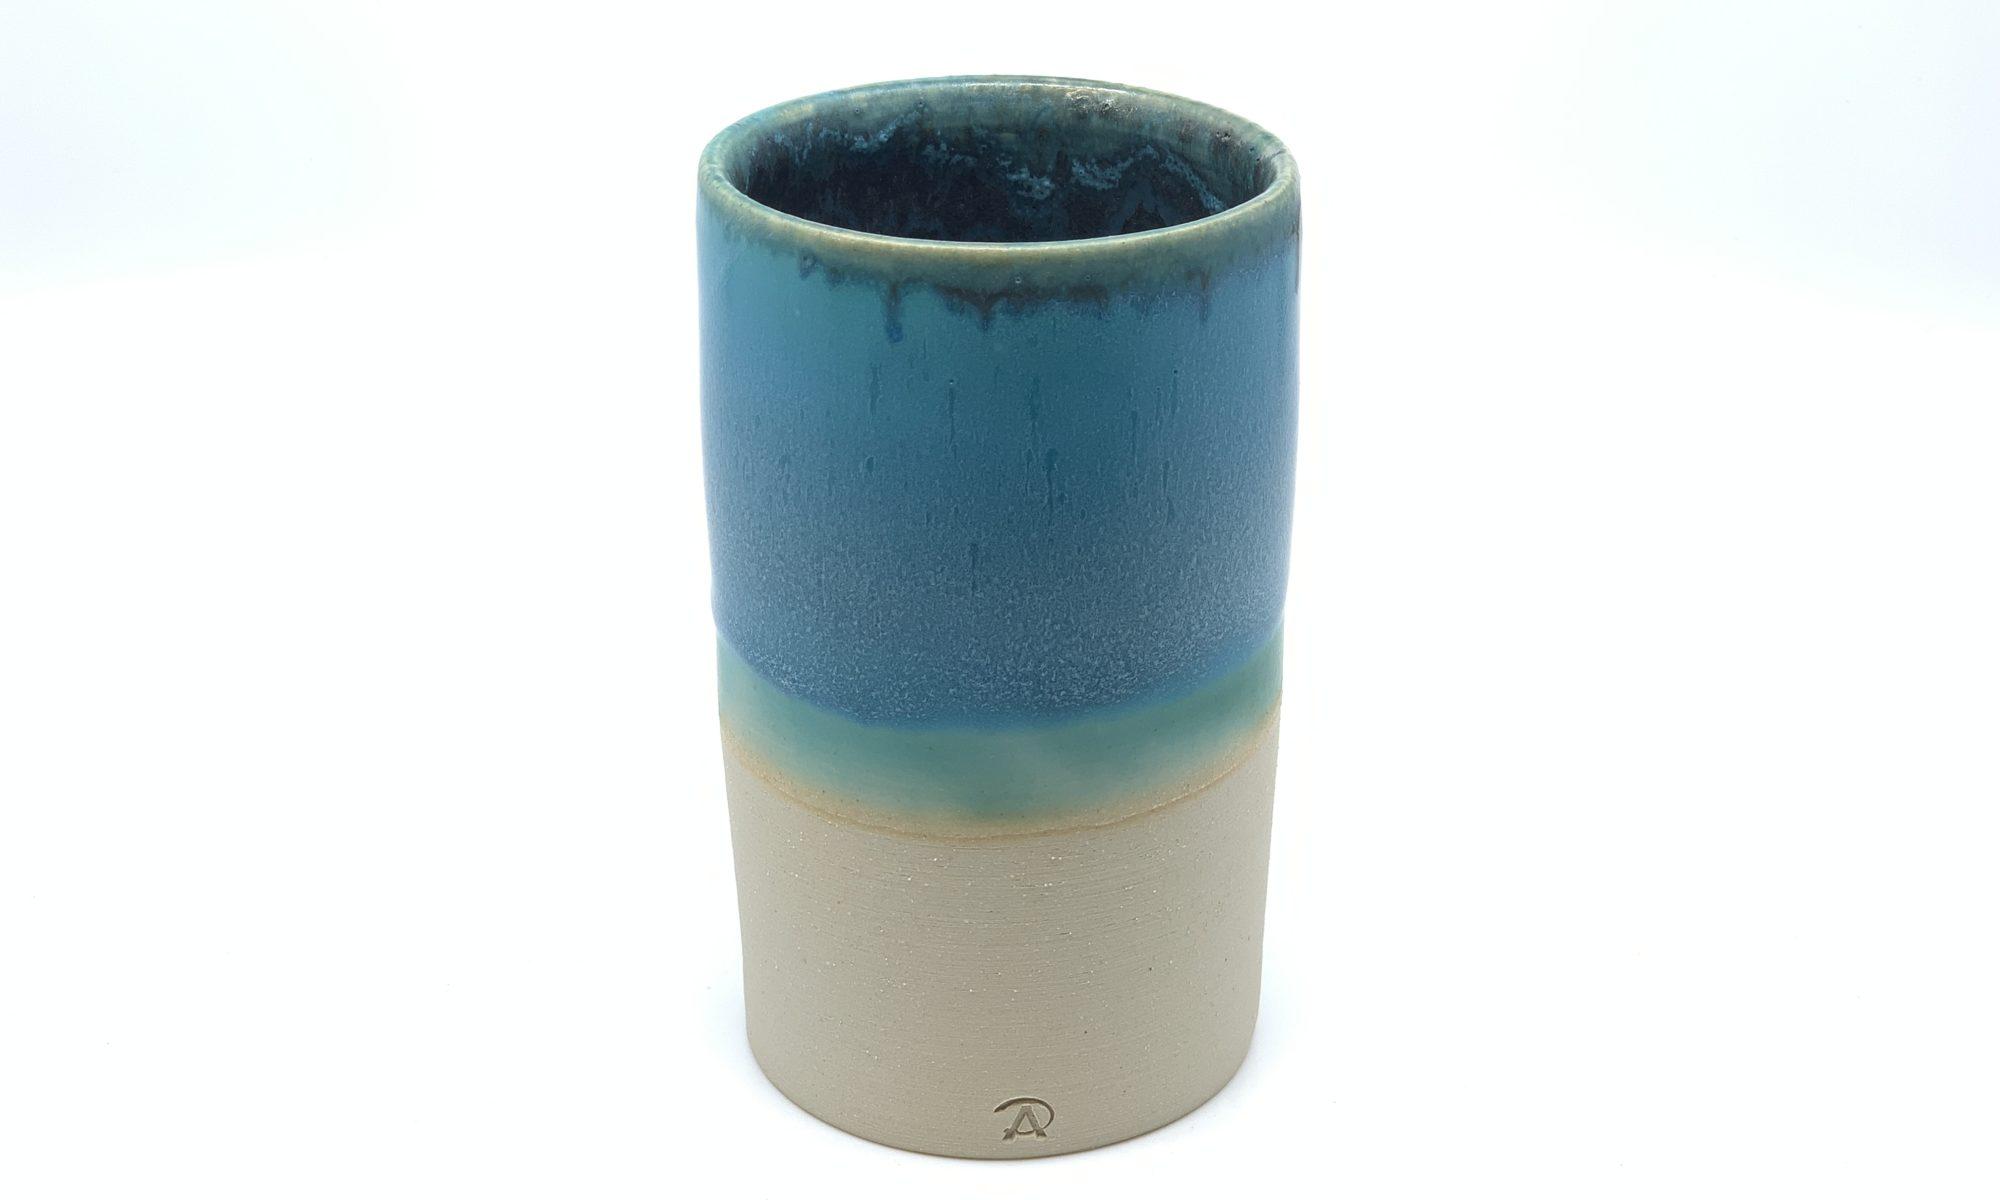 Vase aus Steinzeugton von Hand hergestellt